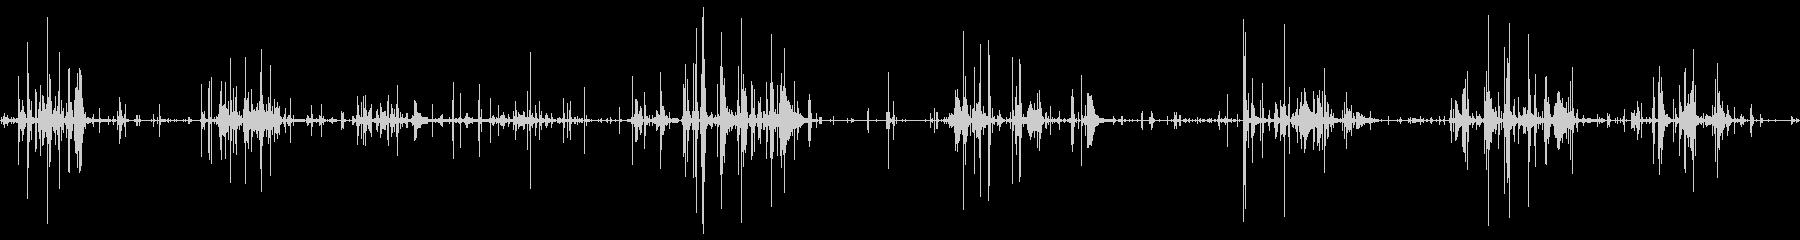 チェーンメタルムーブメント静かなbの未再生の波形